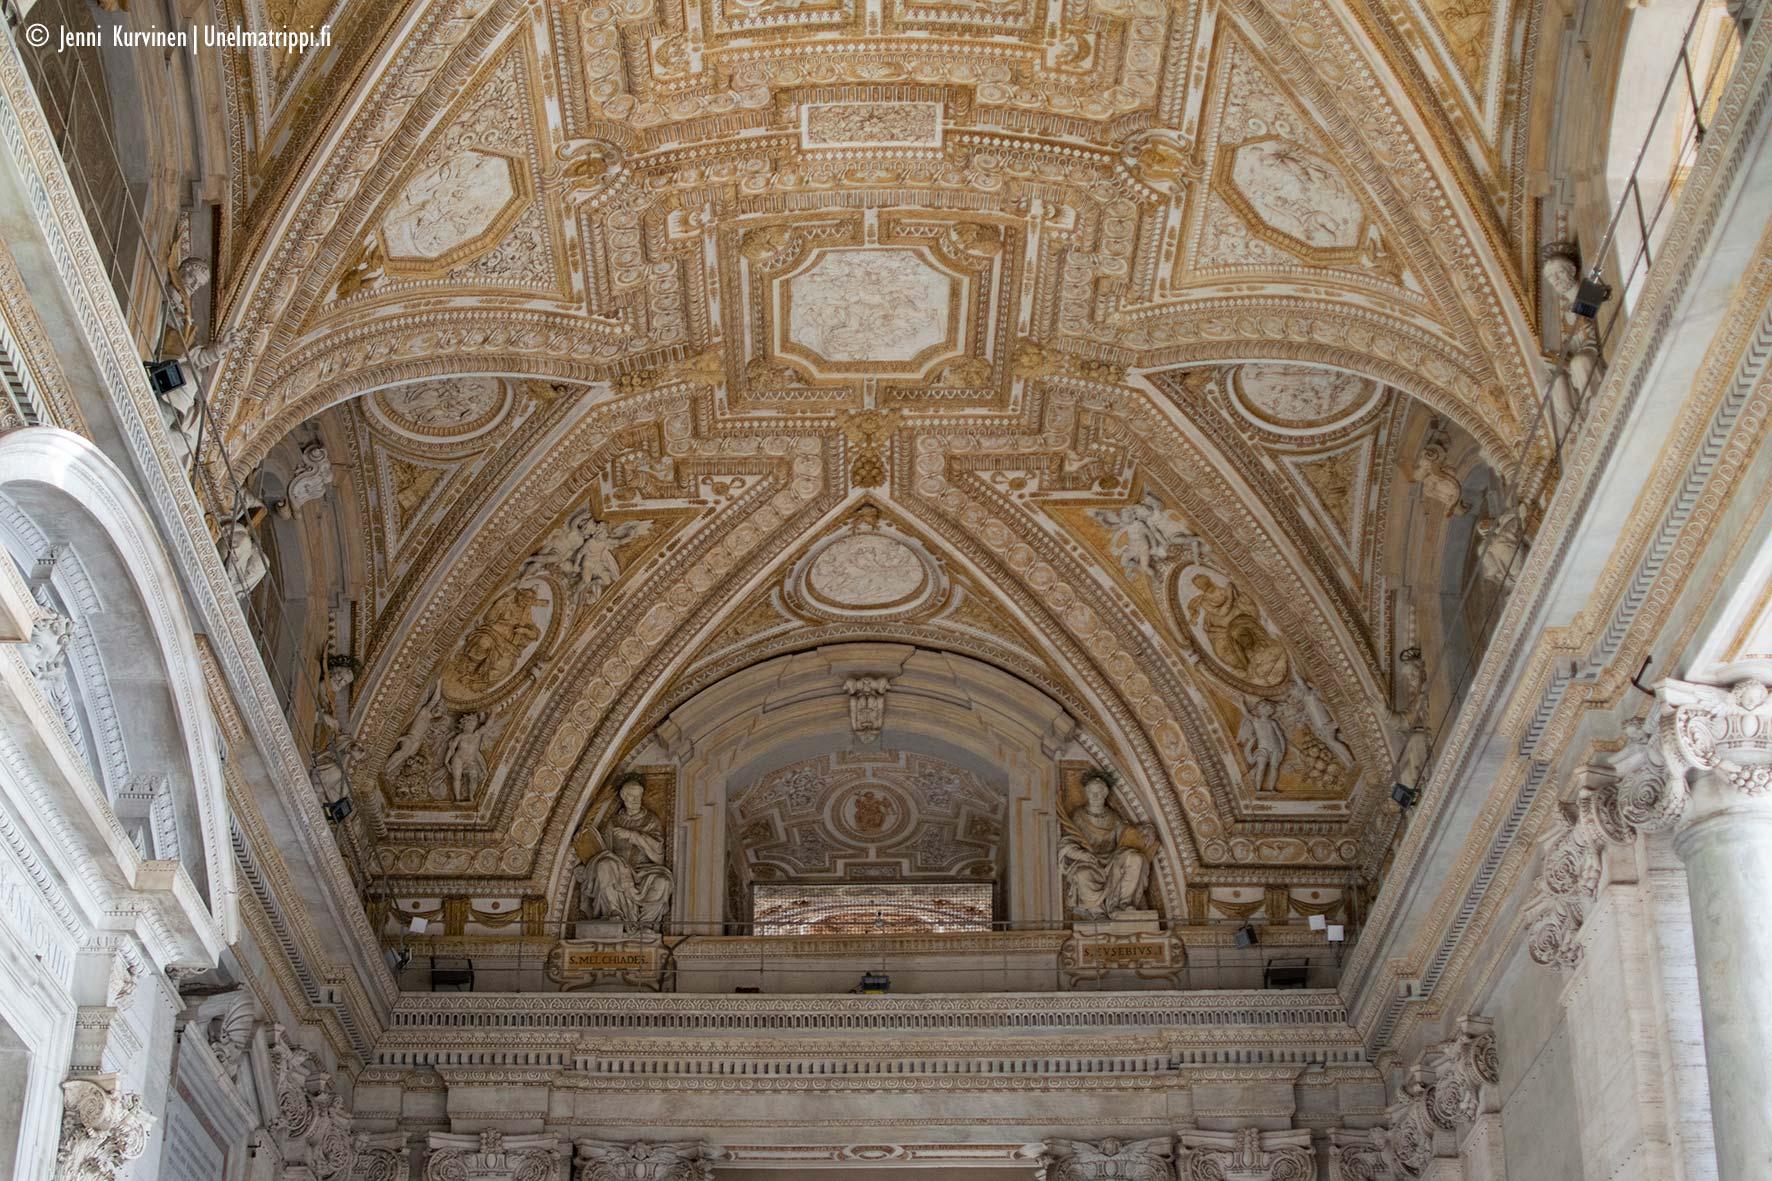 20180826-Unelmatrippi-Vatikaani-DSC0105